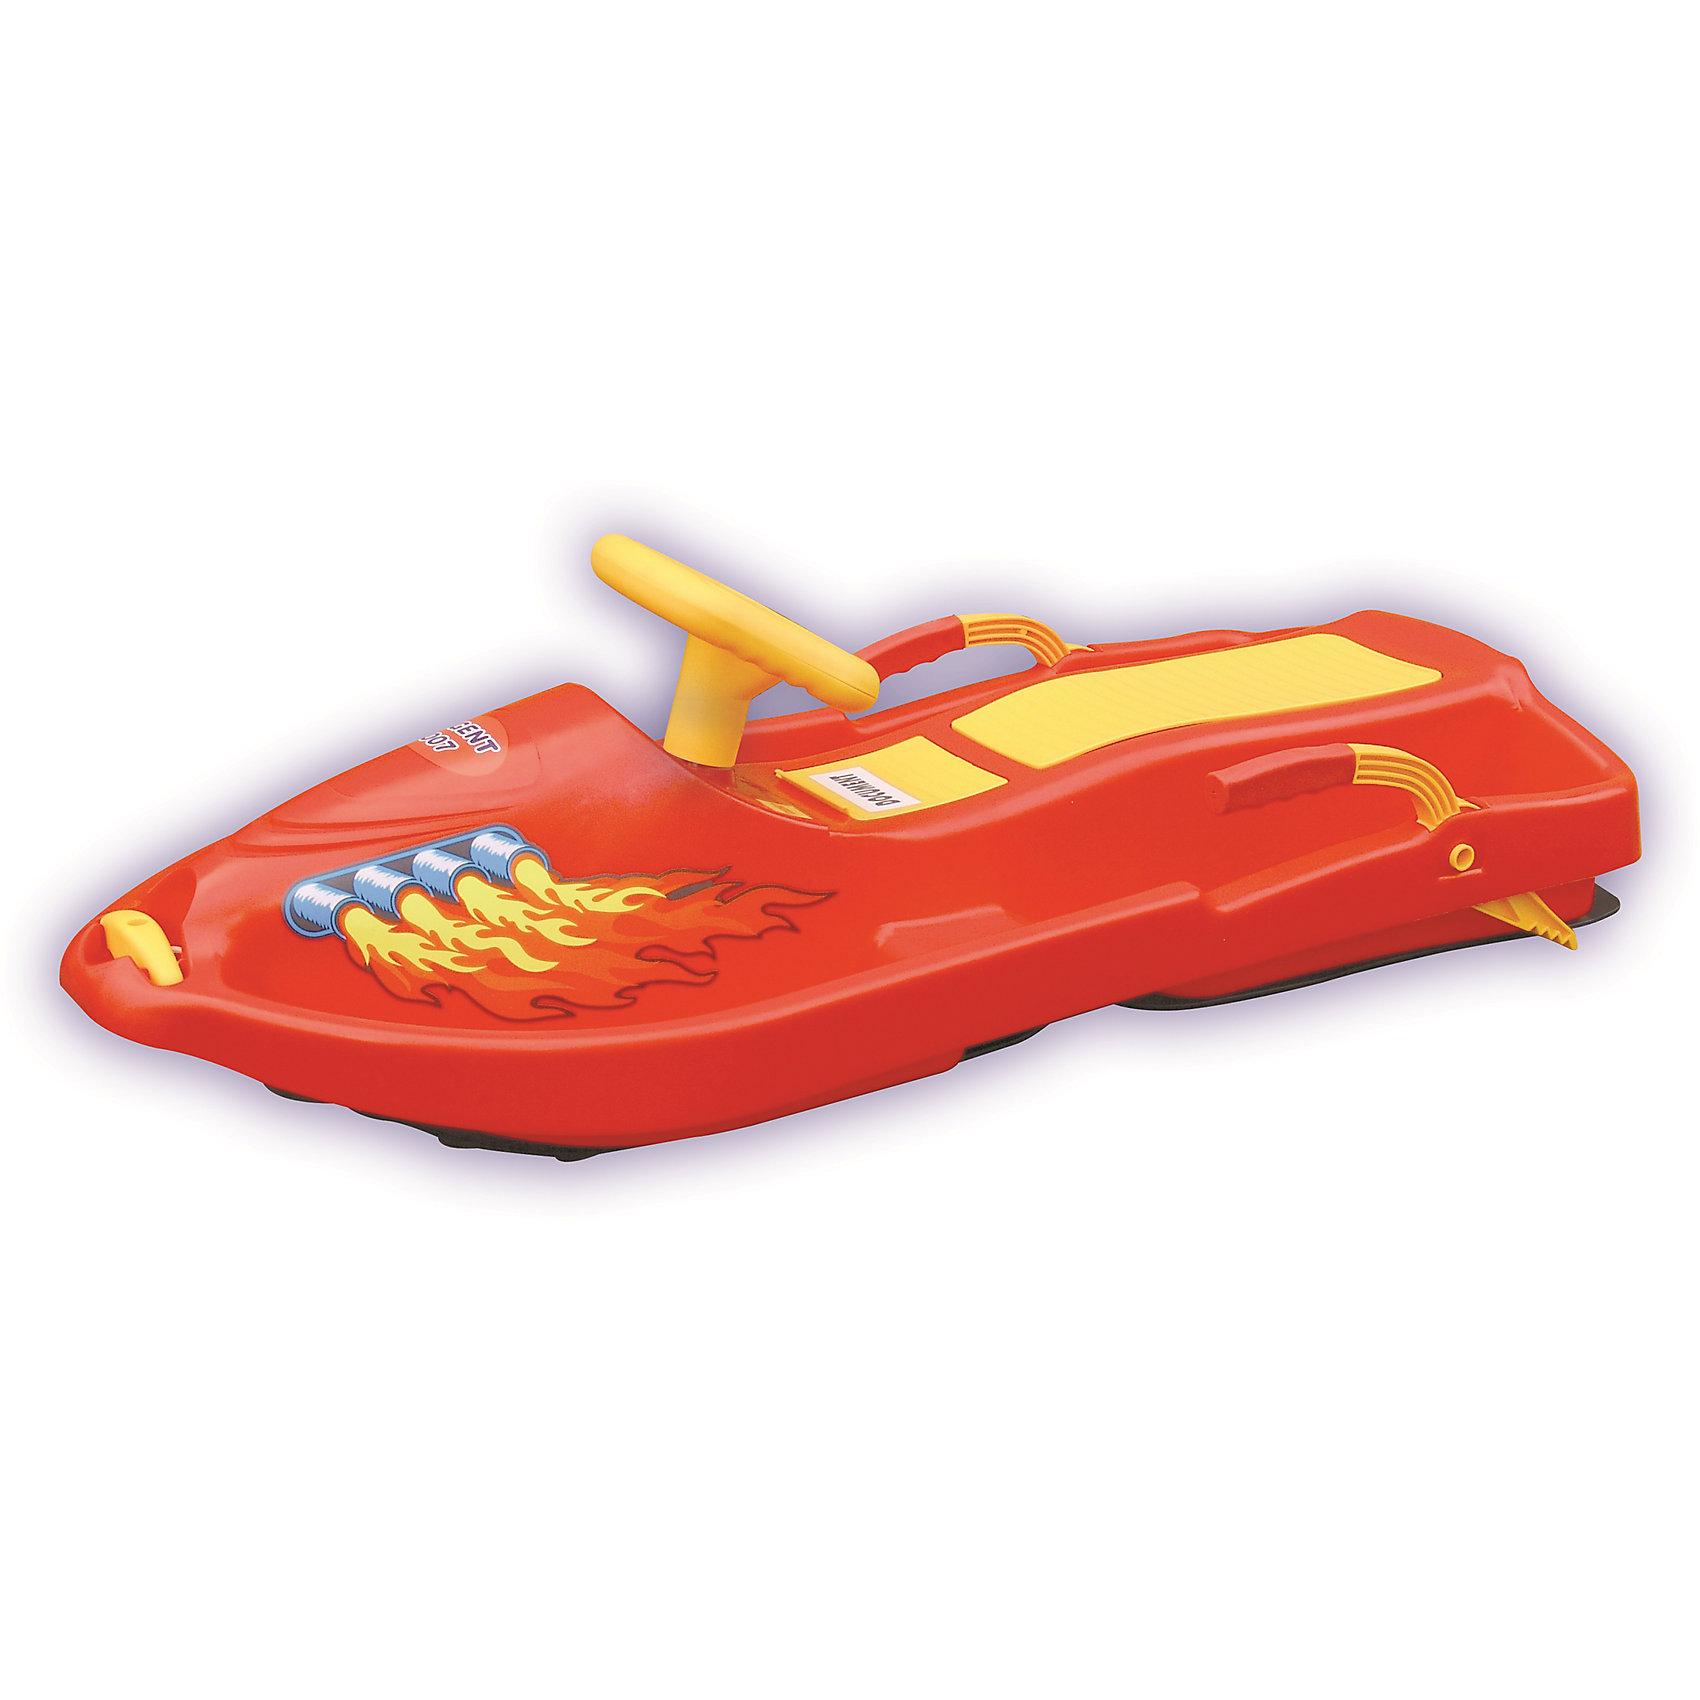 Санки Snow BoatСанки и снегокаты<br>Санки Snow Boat выполнены в виде яркого скутера. Модель изготовлена из высококачественного прочного пластика, имеет тормоз и буксирный шнур. Специальные выступы для ног позволяют ребенку лучше удерживать равновесие. Широкие полозья на которых располагаются санки связаны с рулем специальным рычагом, при повороте руля полозья меняют свое положение. В носовой части есть небольшое углубление, в которое складывает нейлоновый шнур, соединяющий снегокат и небольшую ручку. Прекрасный вариант для зимних забав! Игры и прогулки на свежем воздухе очень полезны для детей, они укрепляют иммунитет ребенка и, конечно, дарят хорошее настроение. <br><br>Дополнительная информация:<br><br>- Материал: пластик.<br>- Цвет: красный.<br>- Размер: 93x43x27 см.<br>- Количество посадочных мест: 2<br>- Рулевое управление. <br>- Тормоз.<br>- Буксирный шнур.<br>- Максимальная нагрузка: 50 кг.<br><br>Санки Snow Boat можно купить в нашем магазине.<br><br>Ширина мм: 930<br>Глубина мм: 430<br>Высота мм: 270<br>Вес г: 3200<br>Возраст от месяцев: 36<br>Возраст до месяцев: 96<br>Пол: Унисекс<br>Возраст: Детский<br>SKU: 4295757